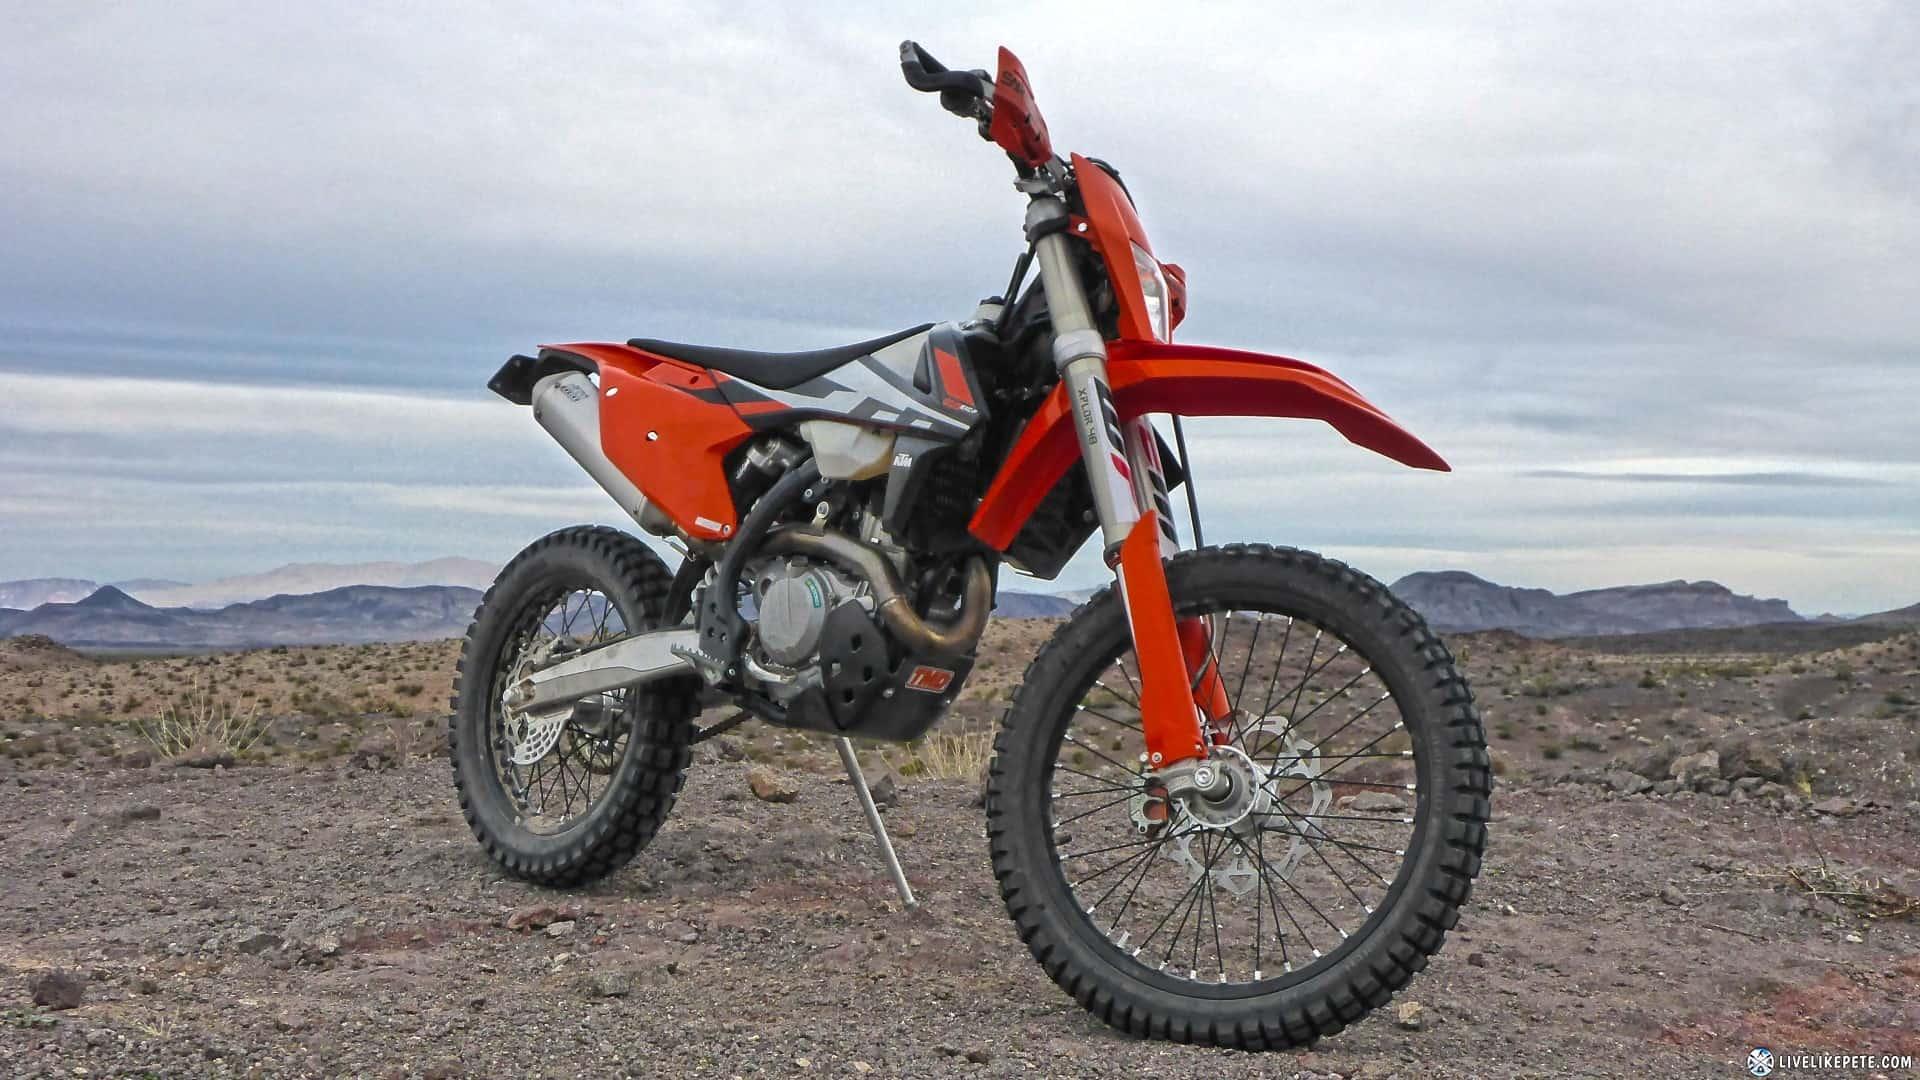 KTM 500 EXC-F – dual sport motorcycle